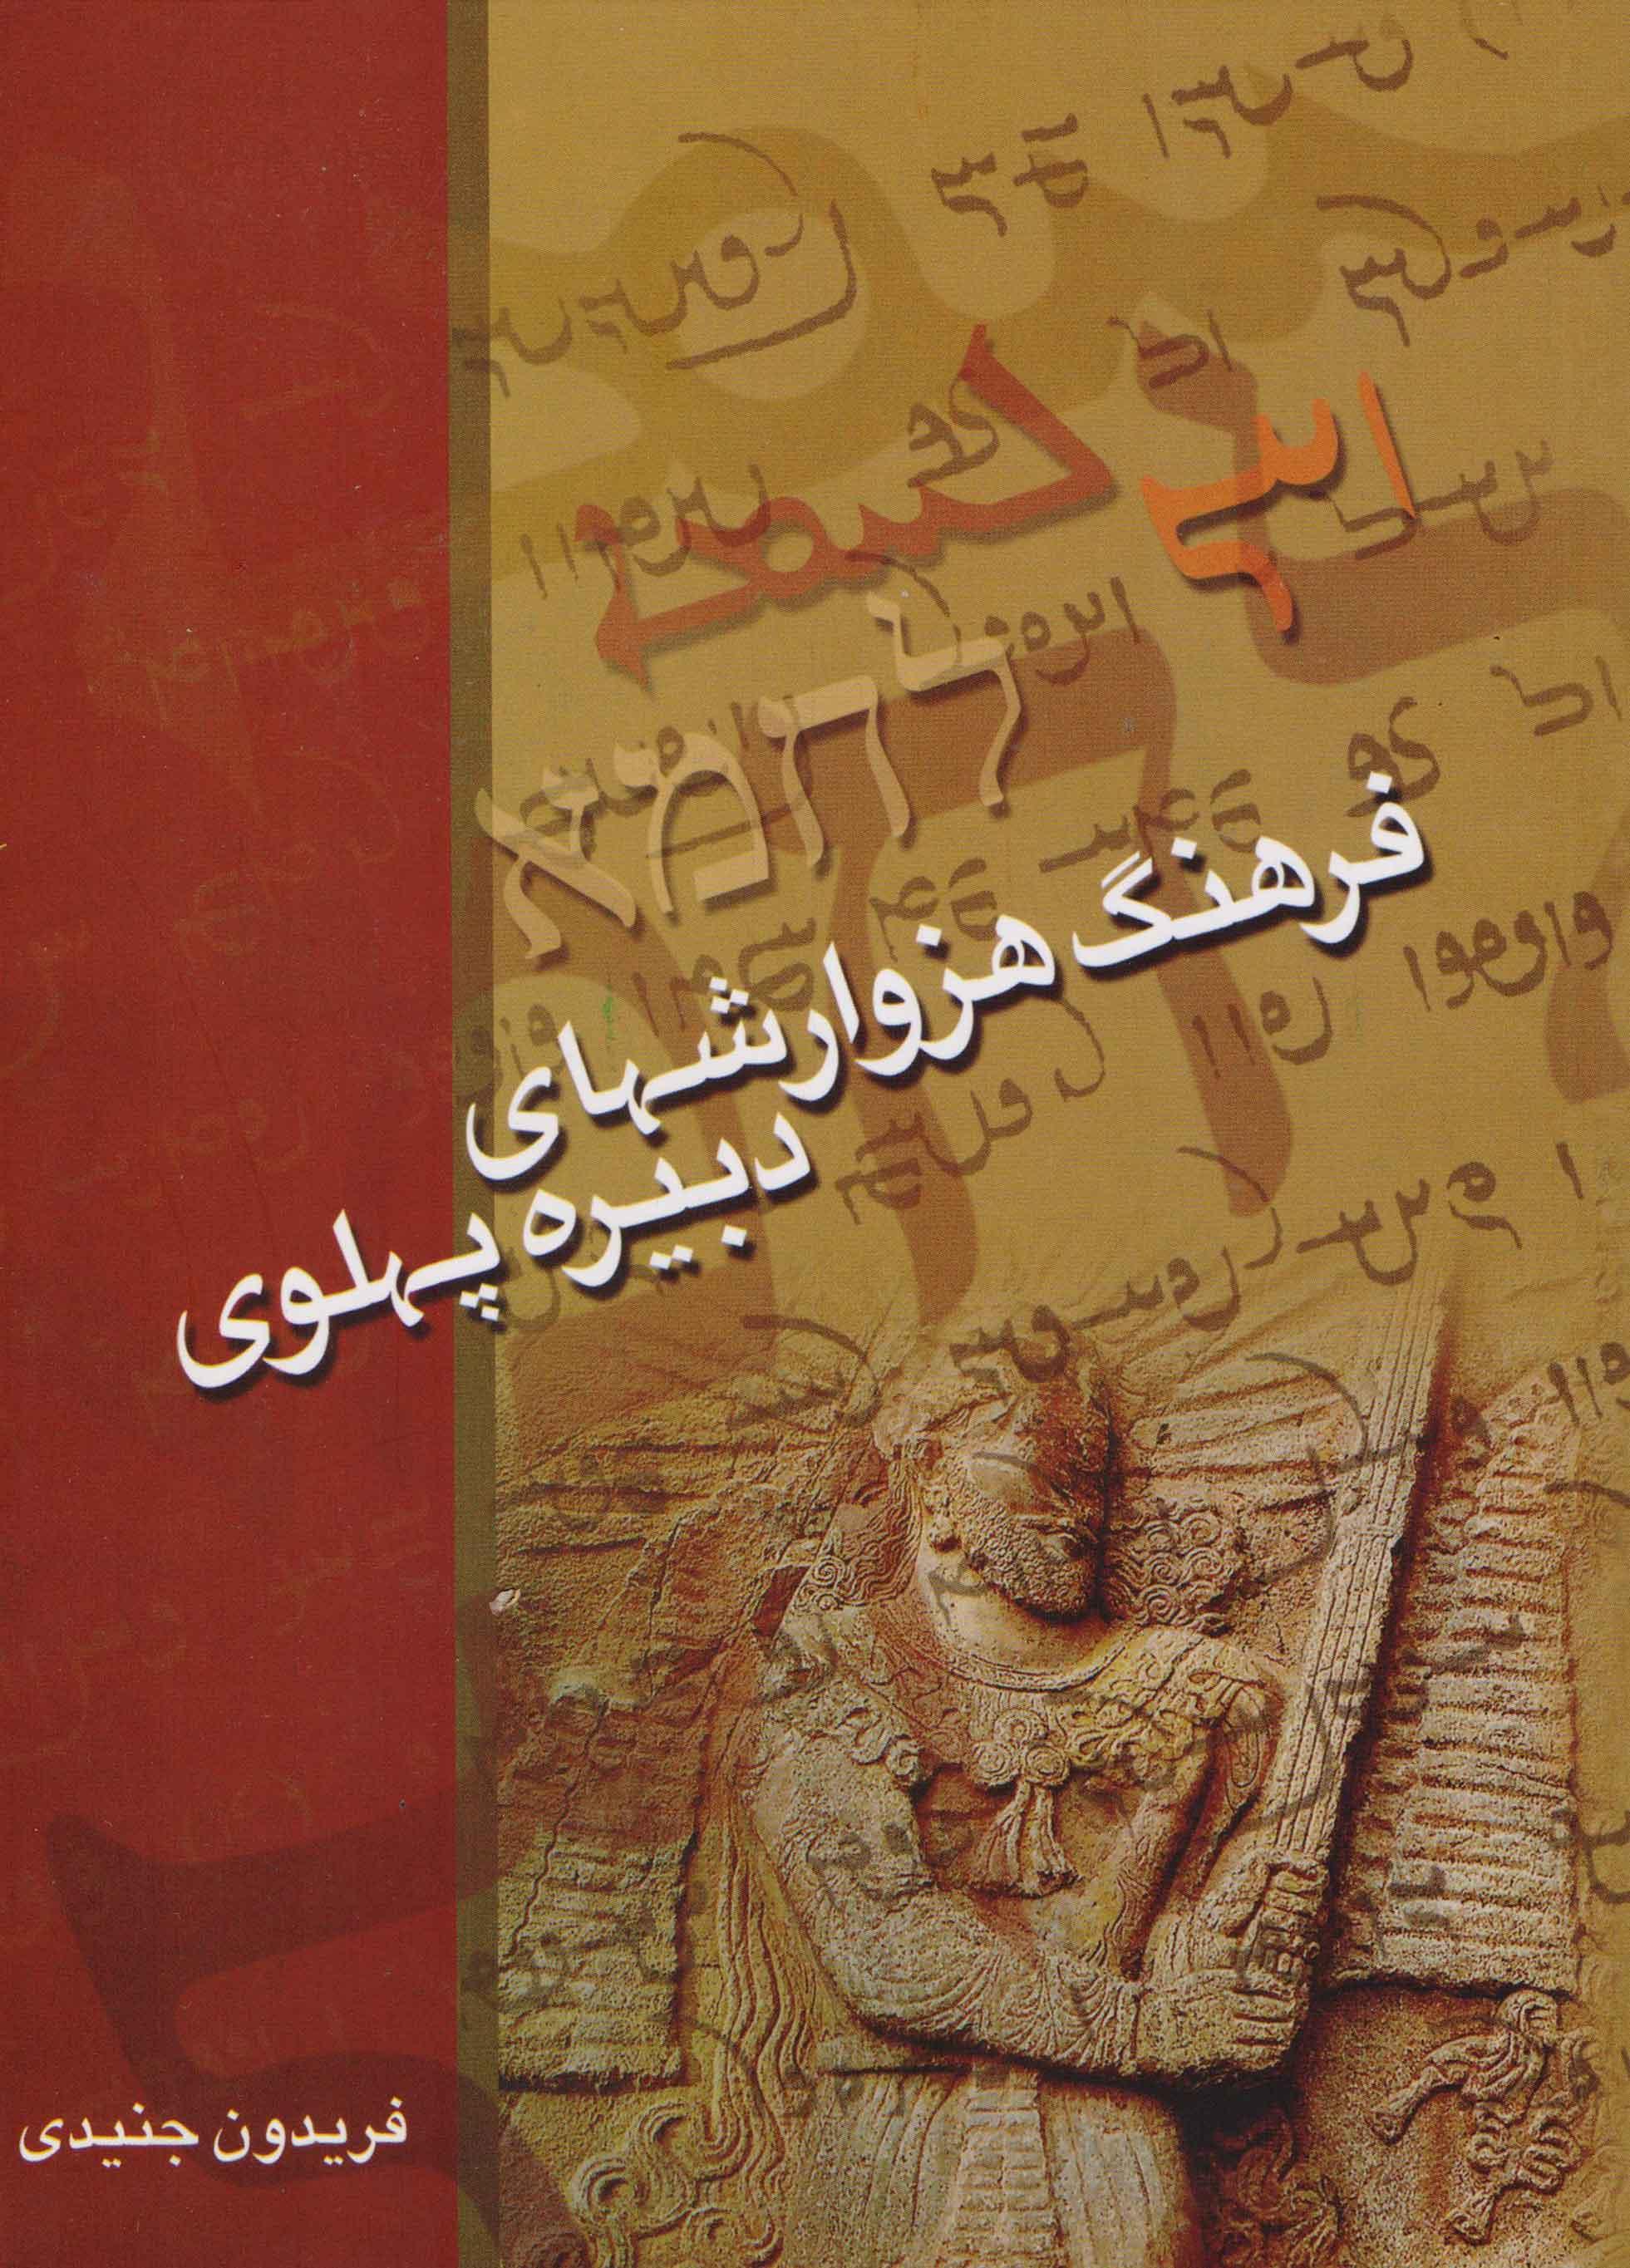 کتاب فرهنگ هزوارشهای دبیره پهلوی